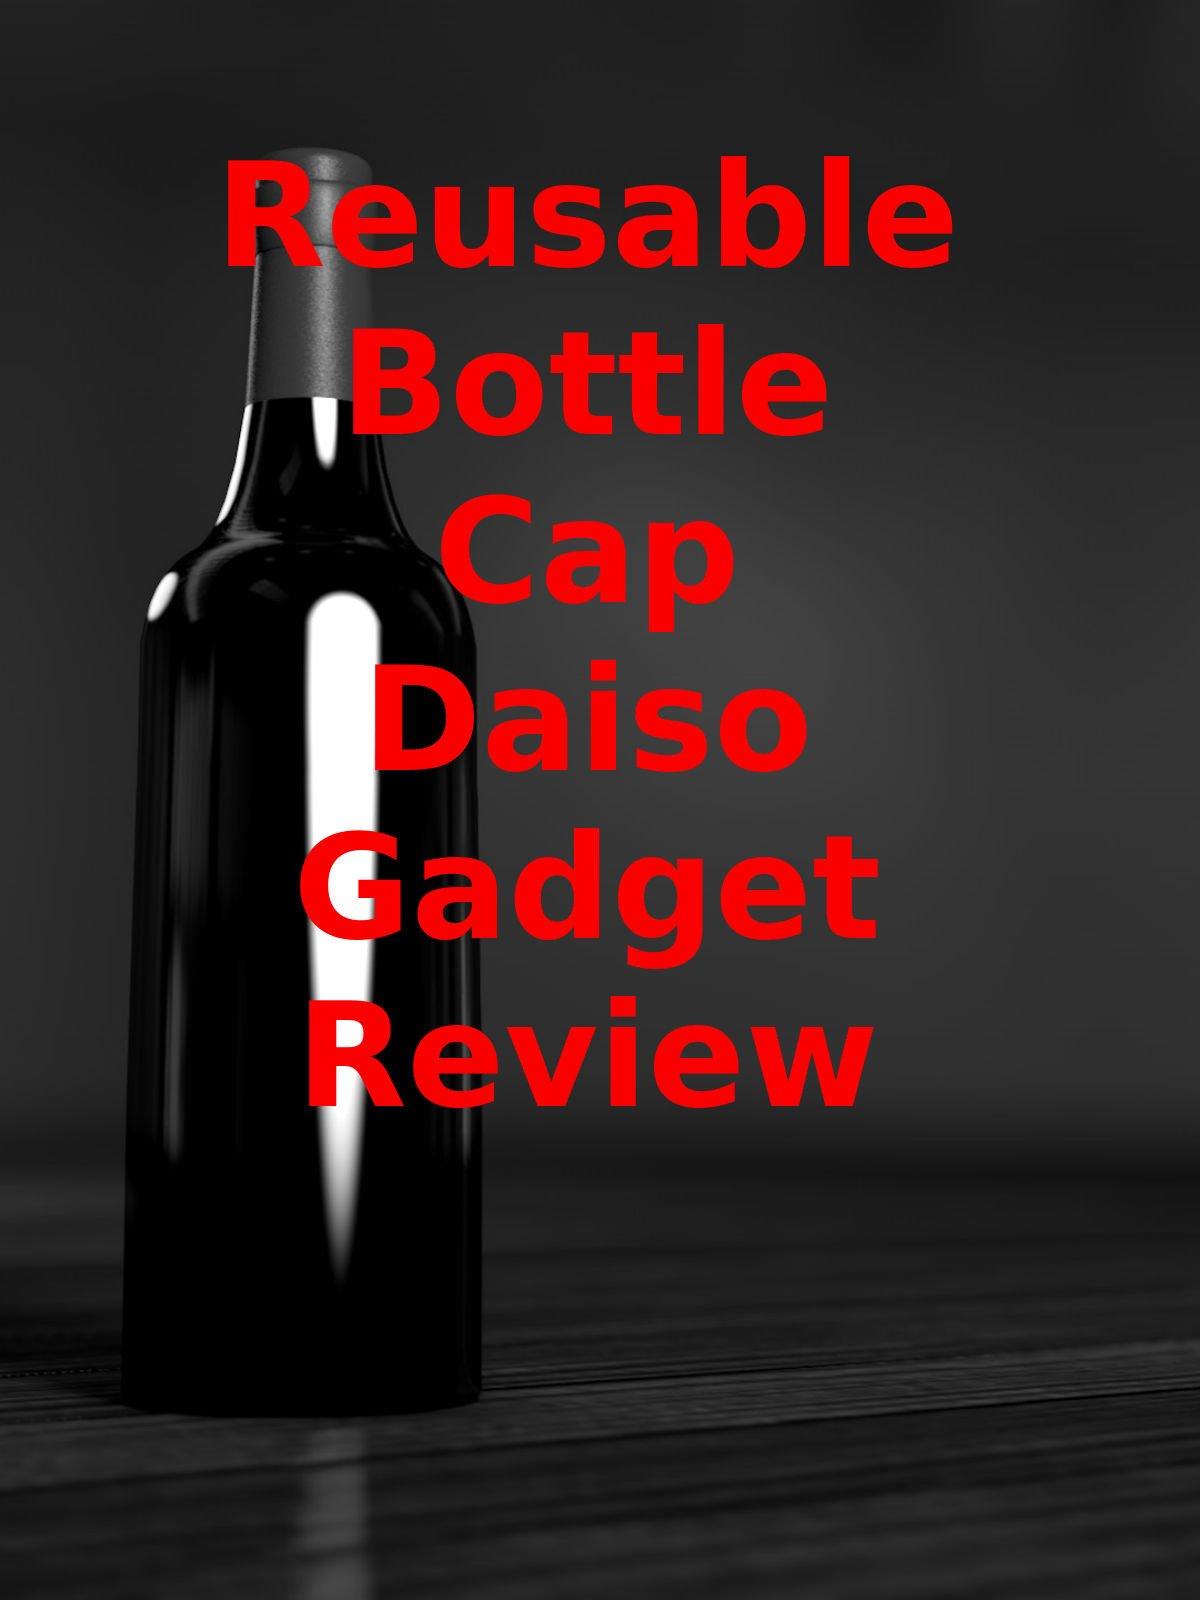 Review: Reusable Bottle Cap Daiso Gadget Review on Amazon Prime Video UK